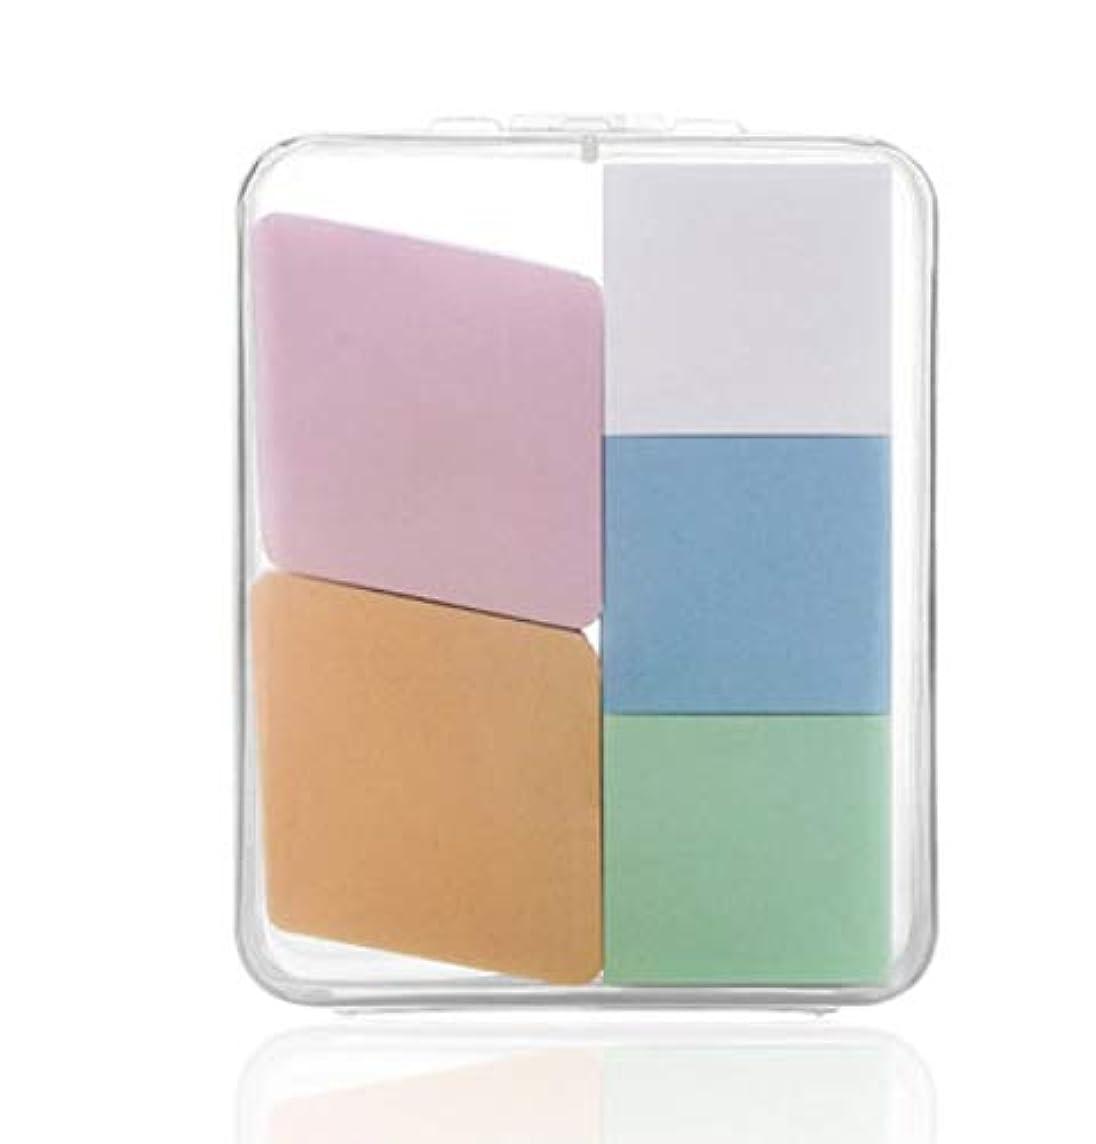 チャーミング騙すマイクロ美容スポンジ、収納ボックス付きソフト化粧スポンジ美容メイク卵5パック